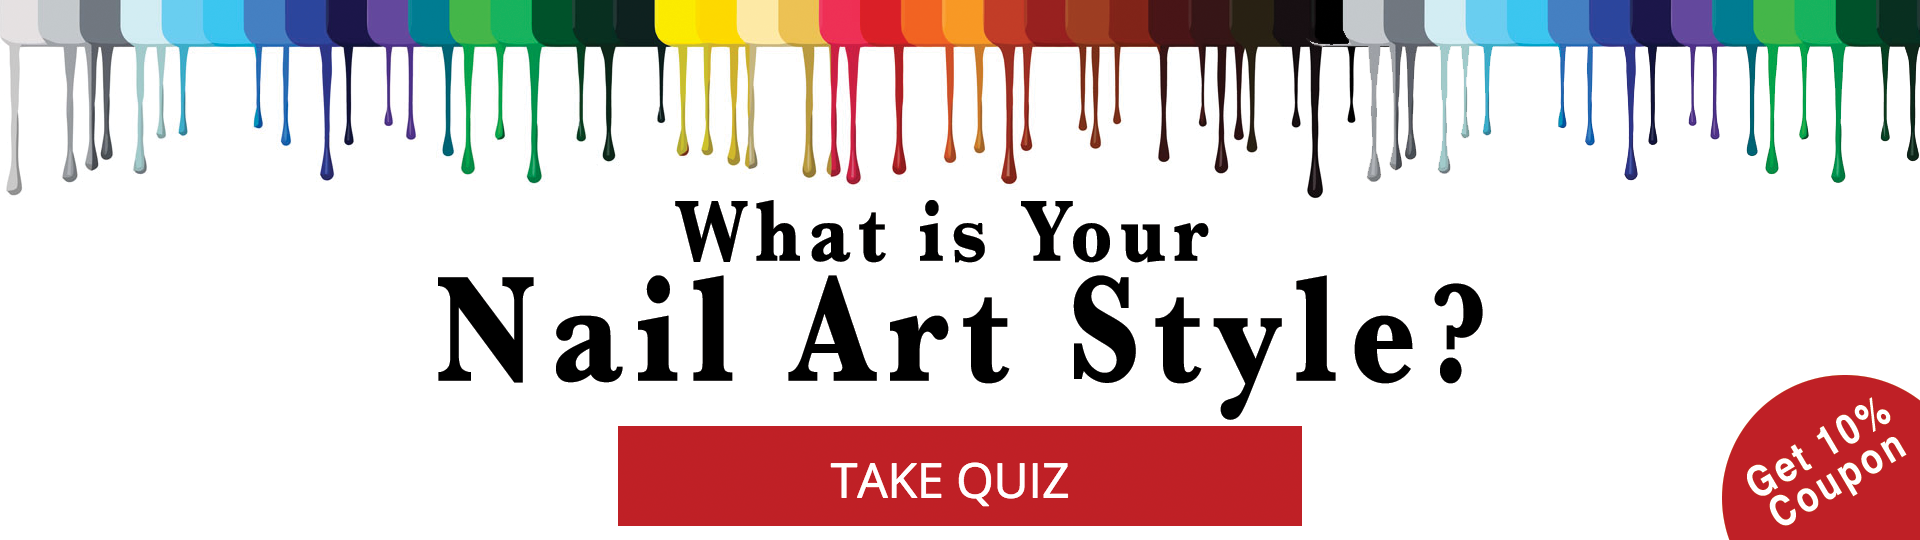 nail-art-quiz-banner.png